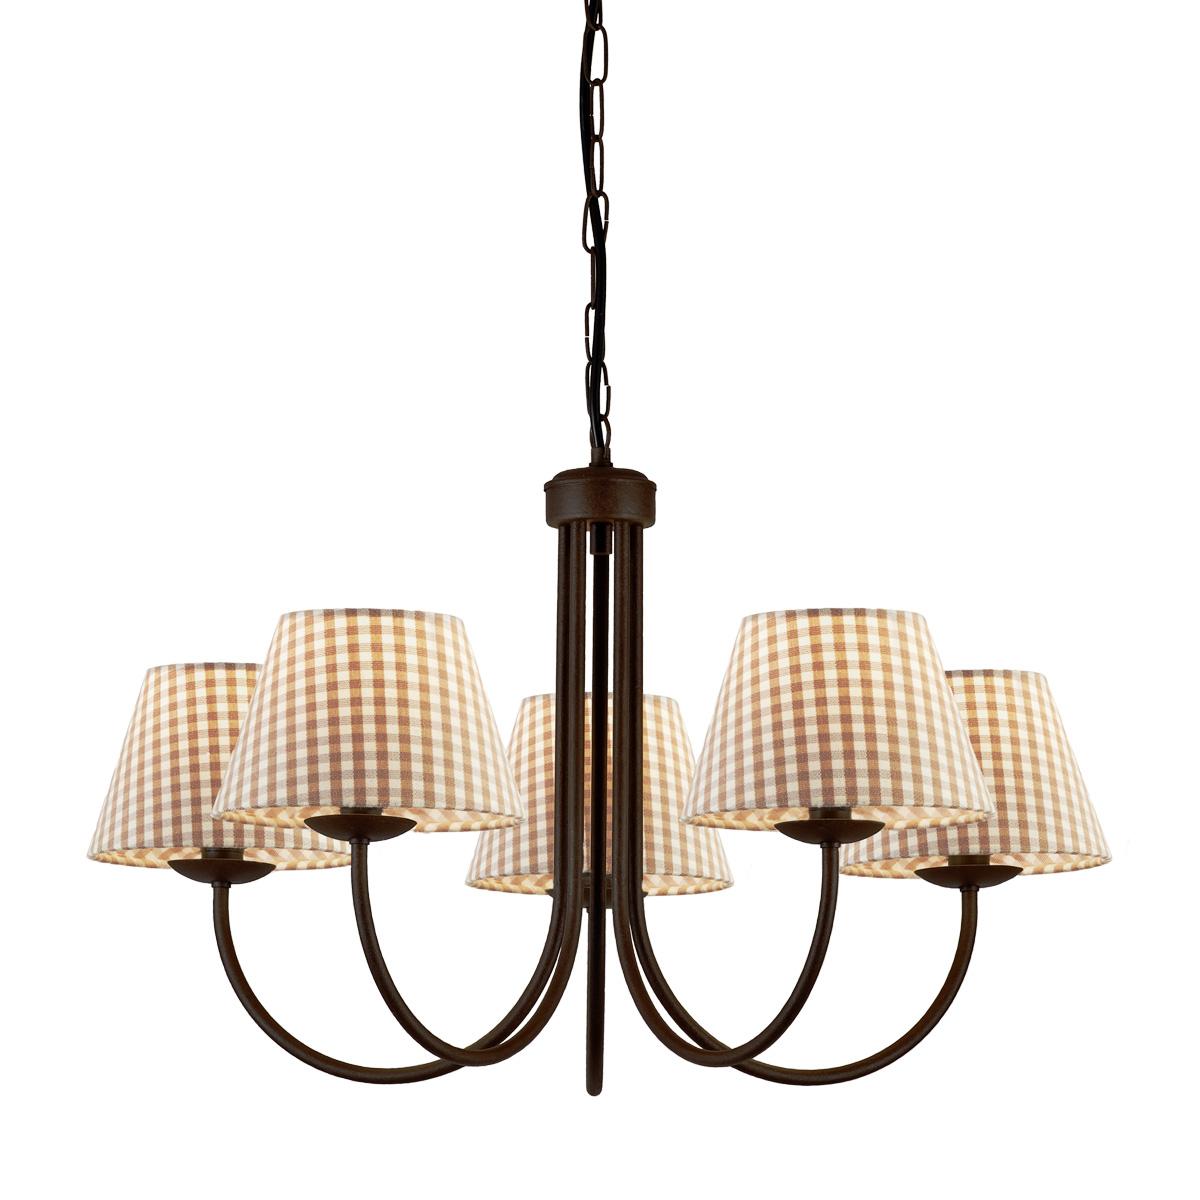 Φωτιστικό καφέ πατίνα με καφέ καρό καπέλα BIANCO-2 brown patinated chandelier with brown plaided shades